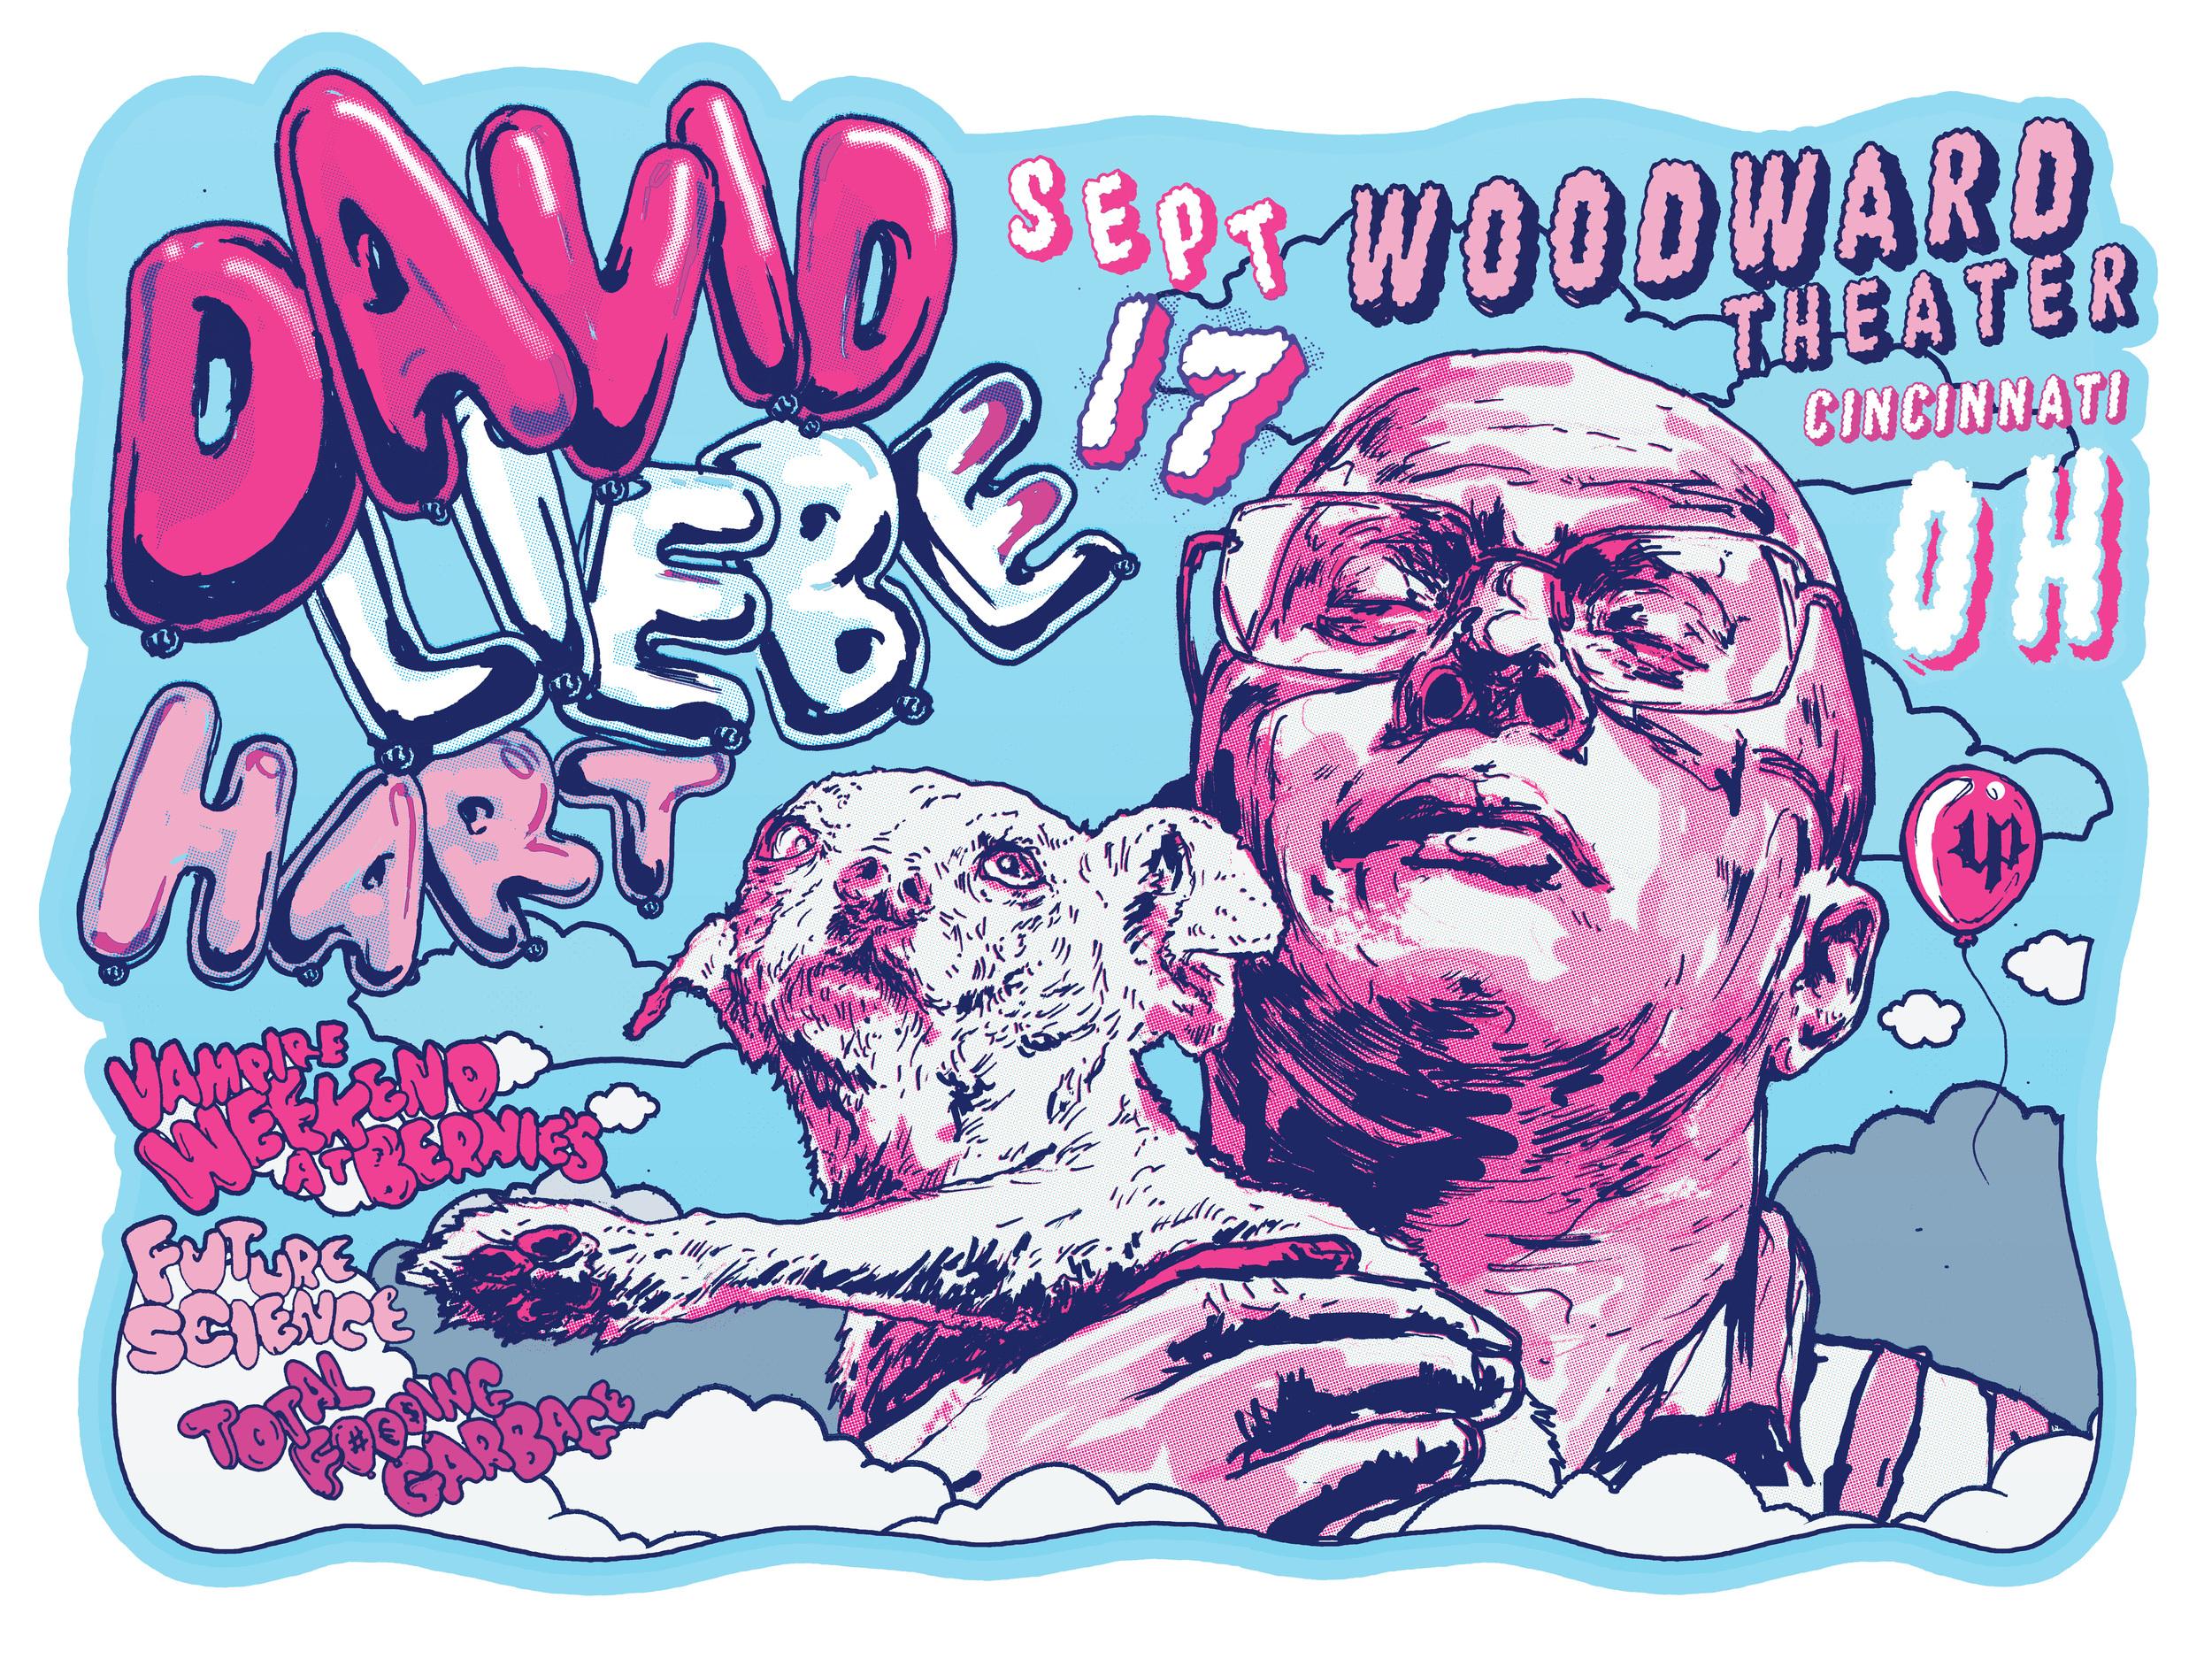 David Liebe Hart @ Woodward Theater